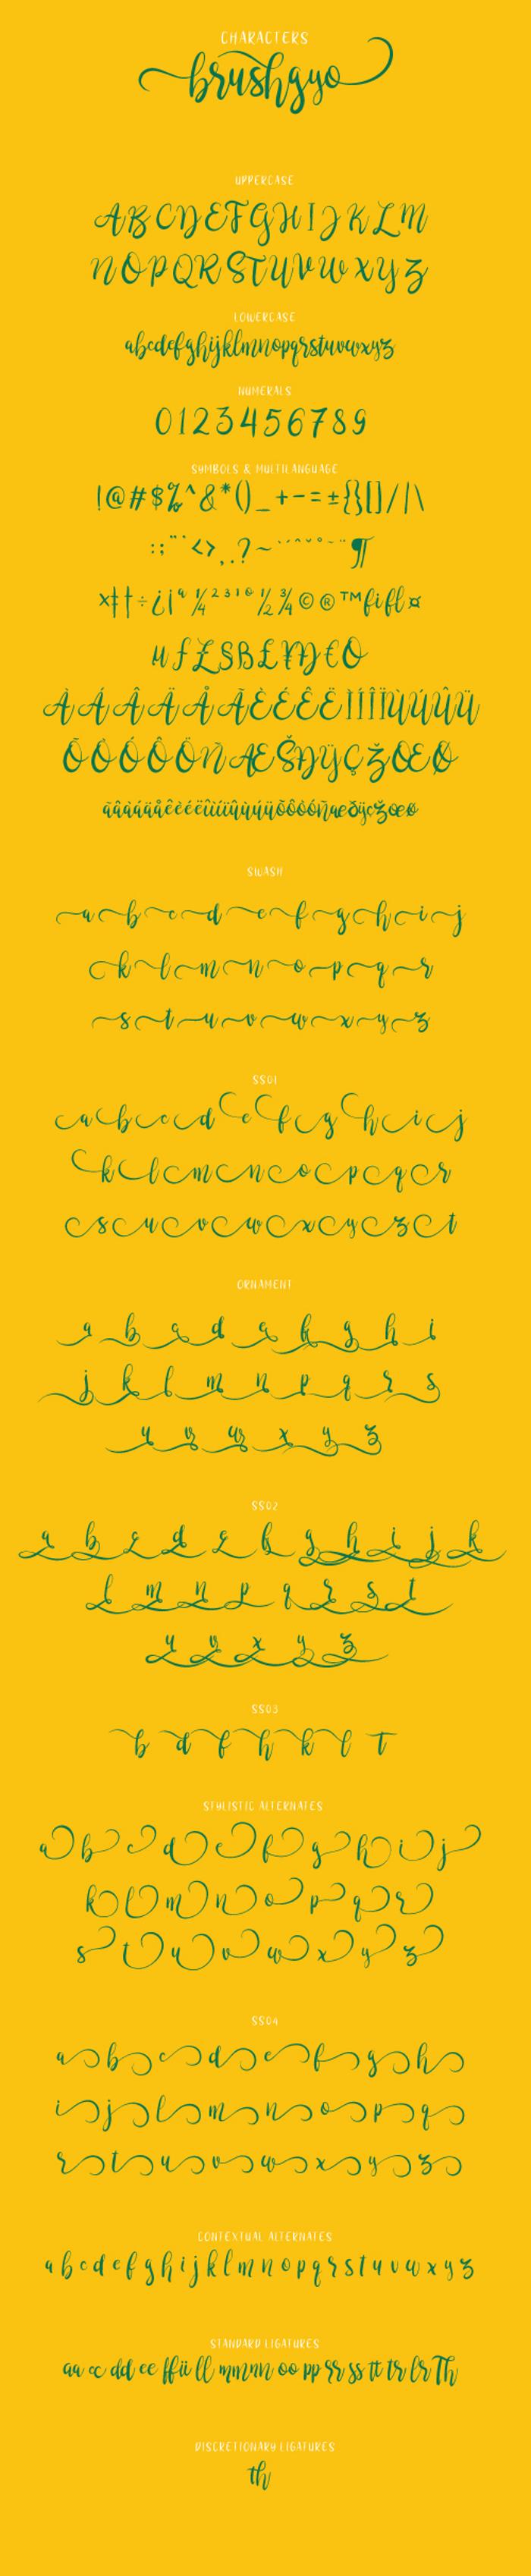 brushgyo Font poster